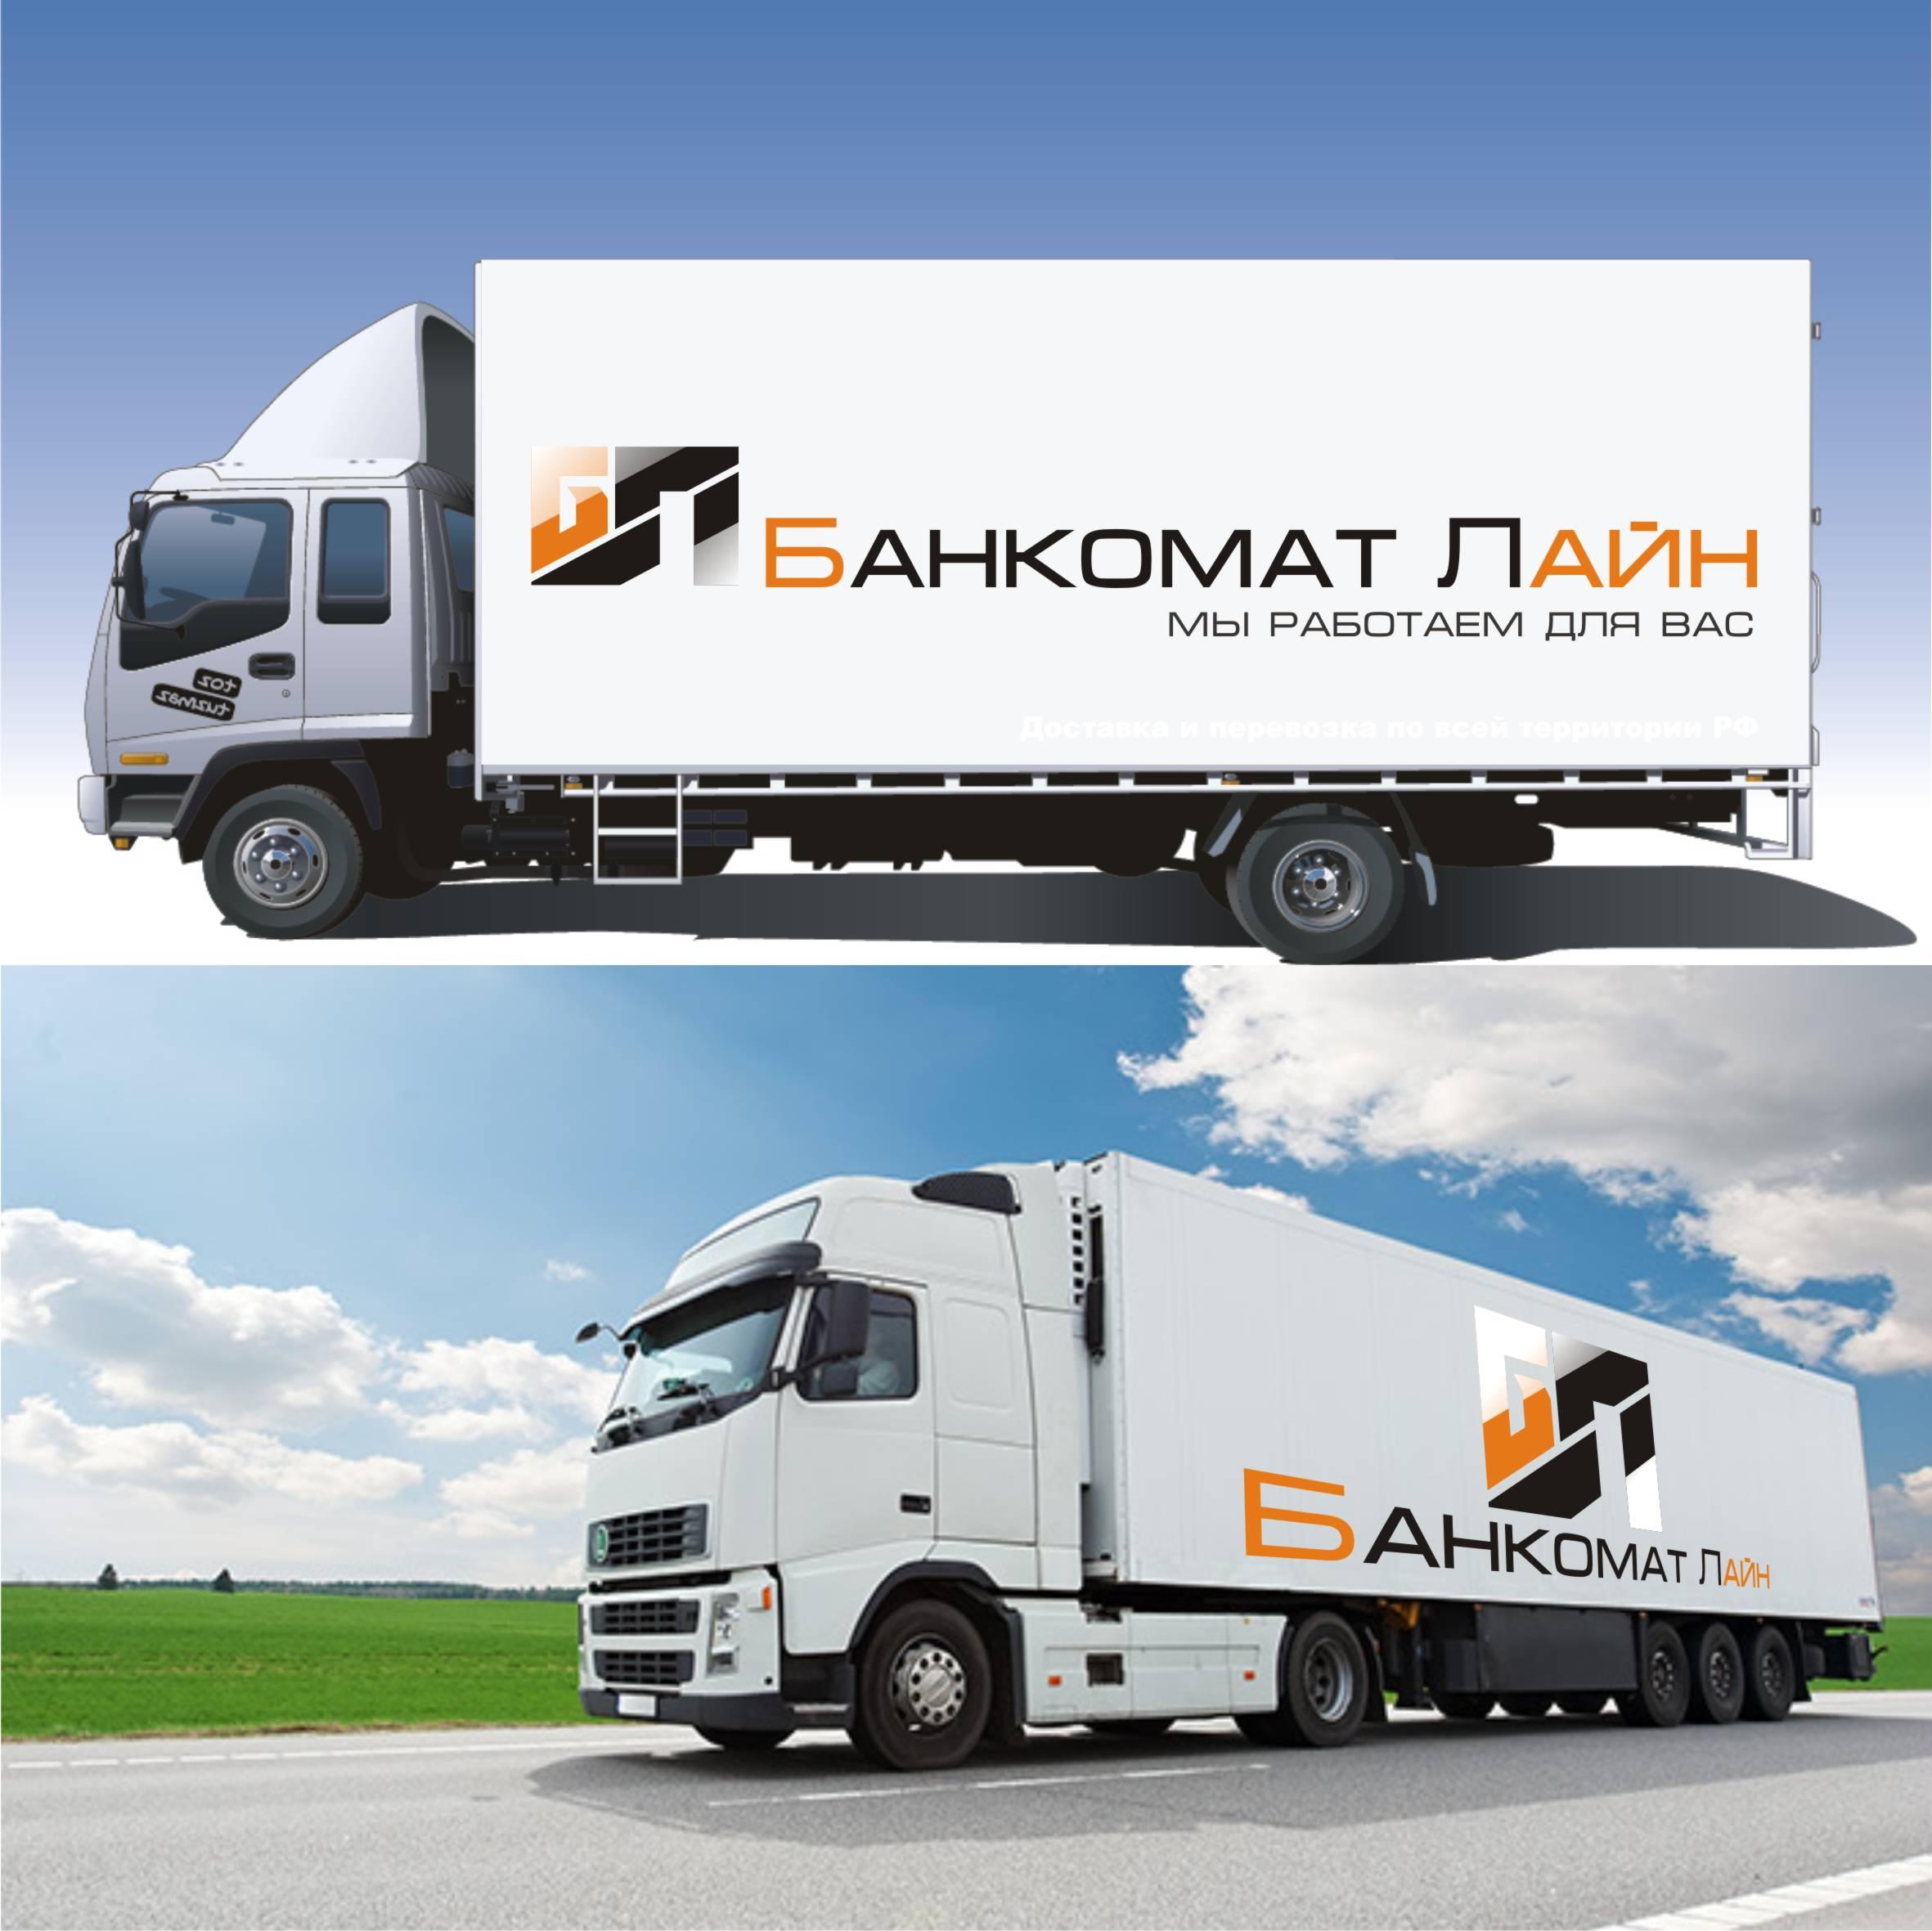 Разработка логотипа и слогана для транспортной компании фото f_532587890e6f150c.jpg